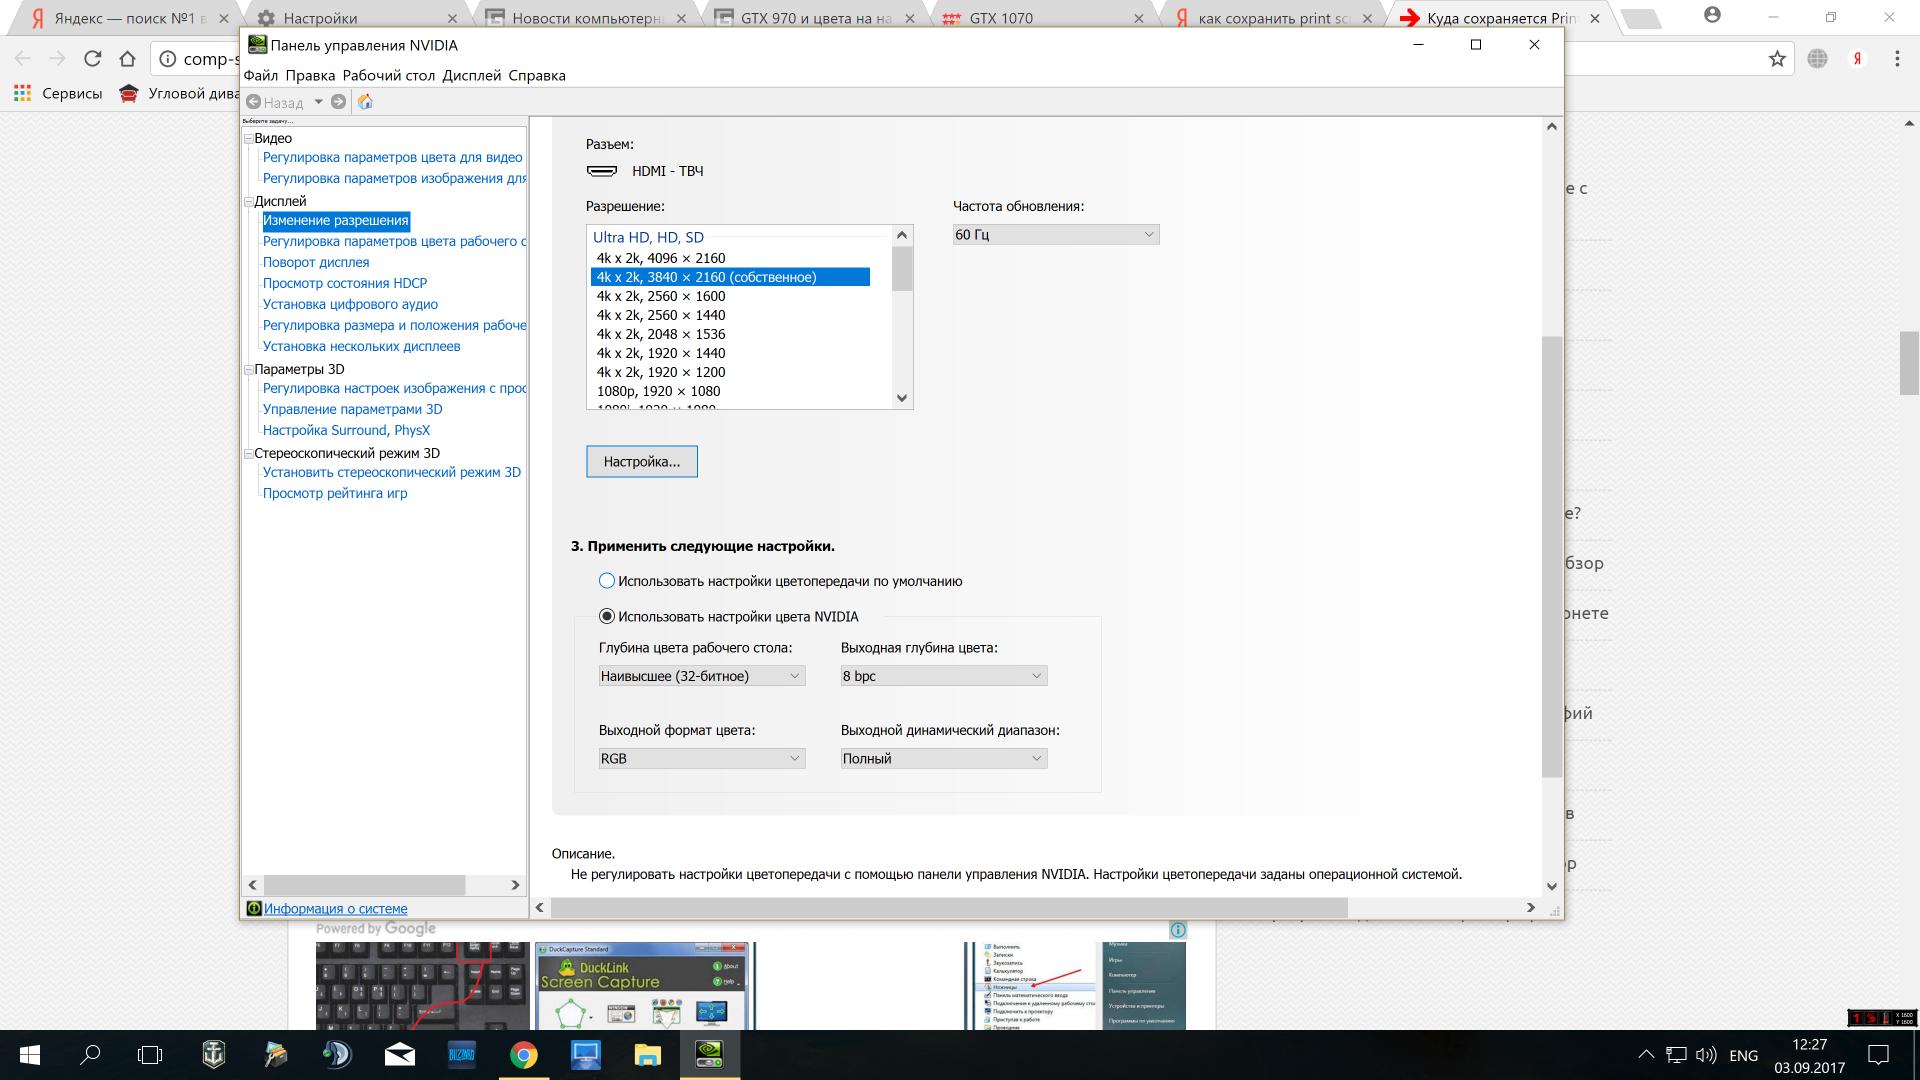 Регулировка параметров цвета рабочего стола nvidia